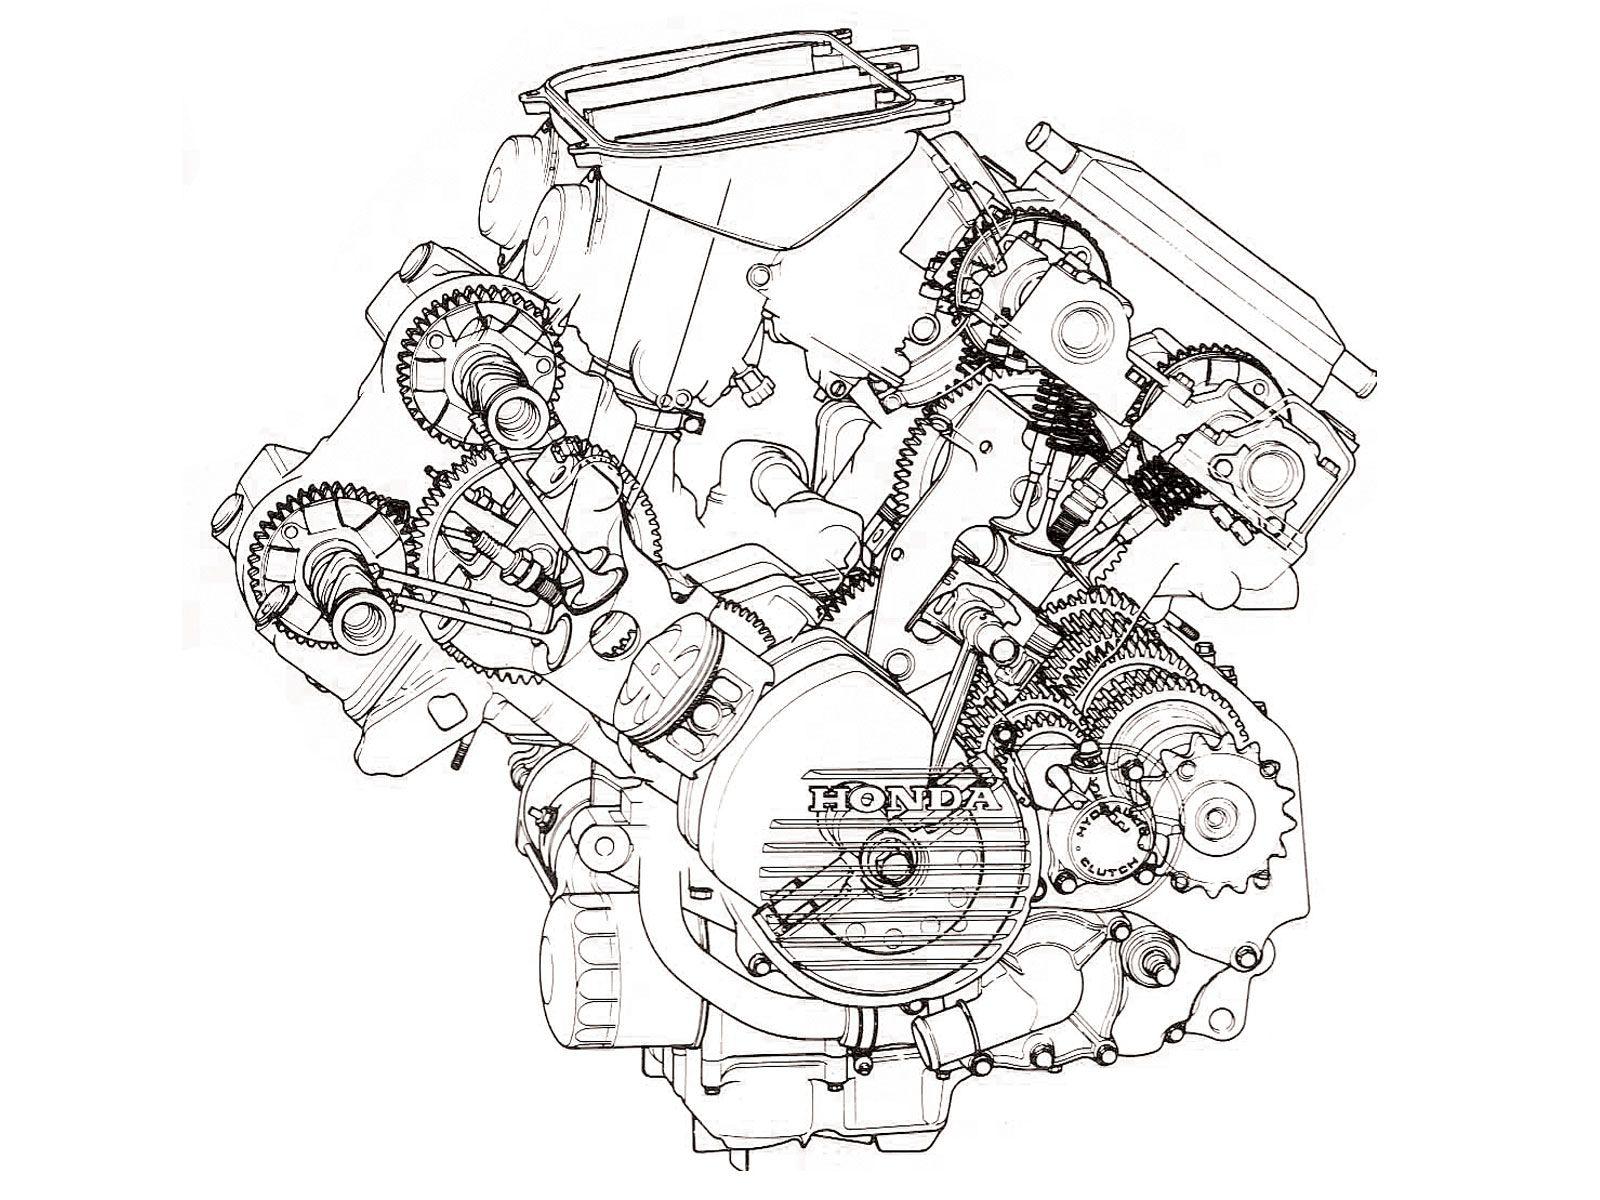 Honda Vfr750fg Interceptor V4 Motor Shot Geared Cams